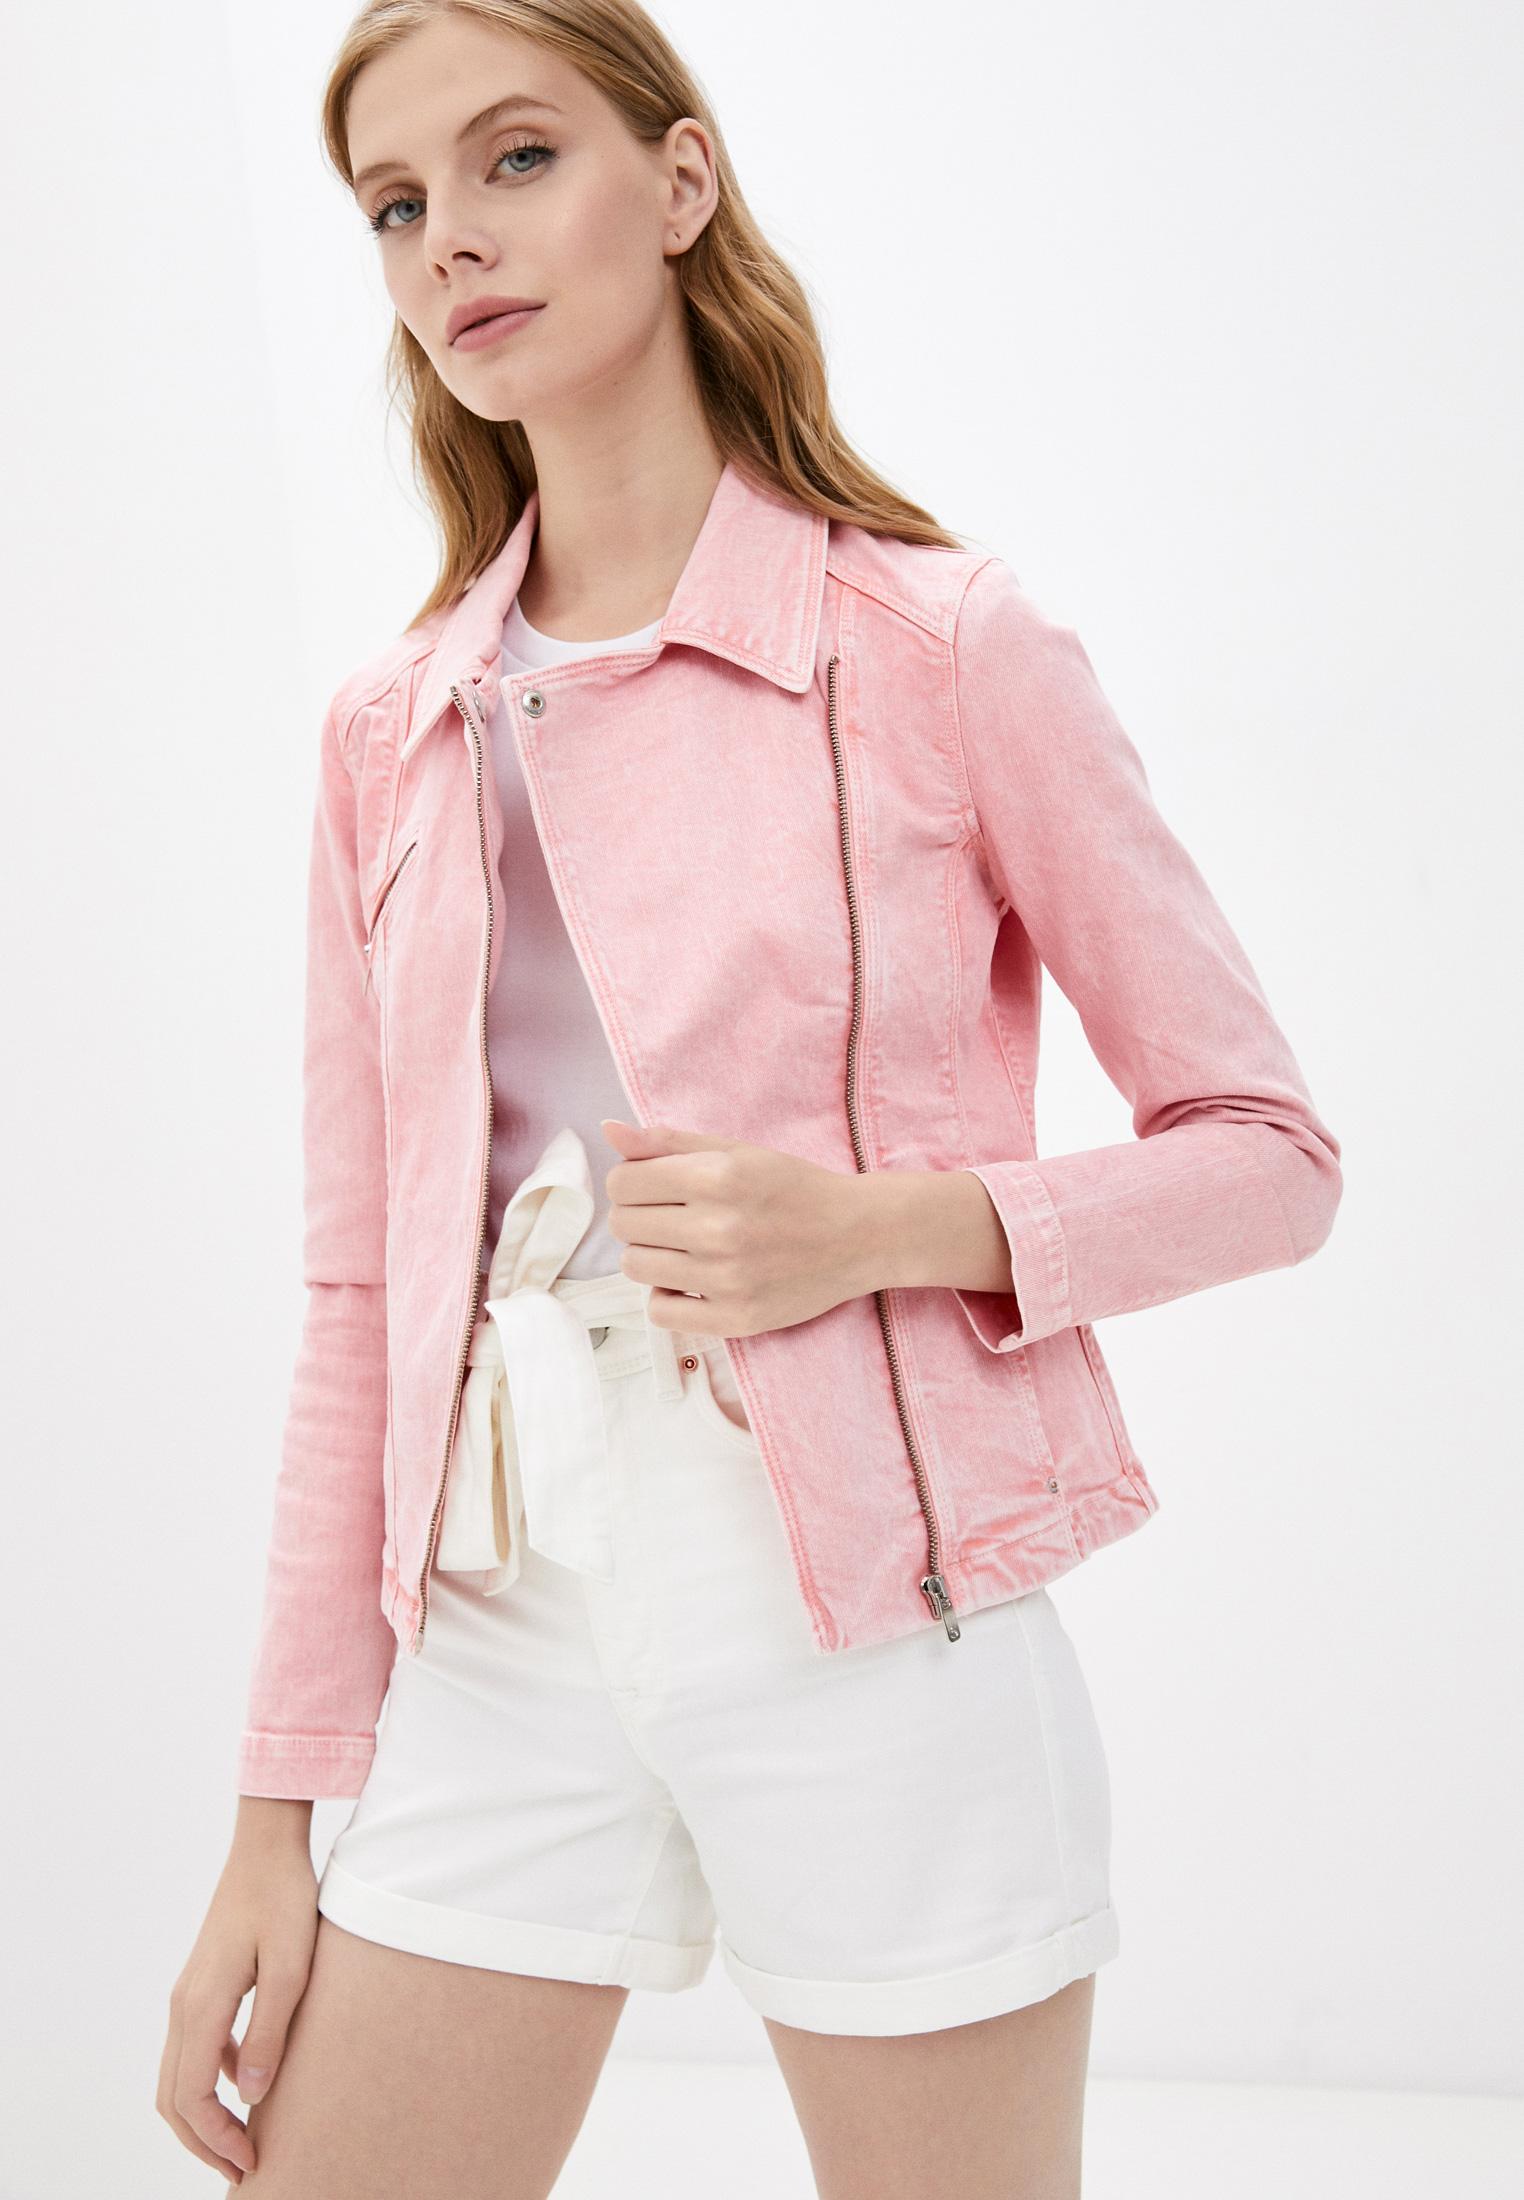 Джинсовая куртка SALSA Куртка джинсовая Salsa